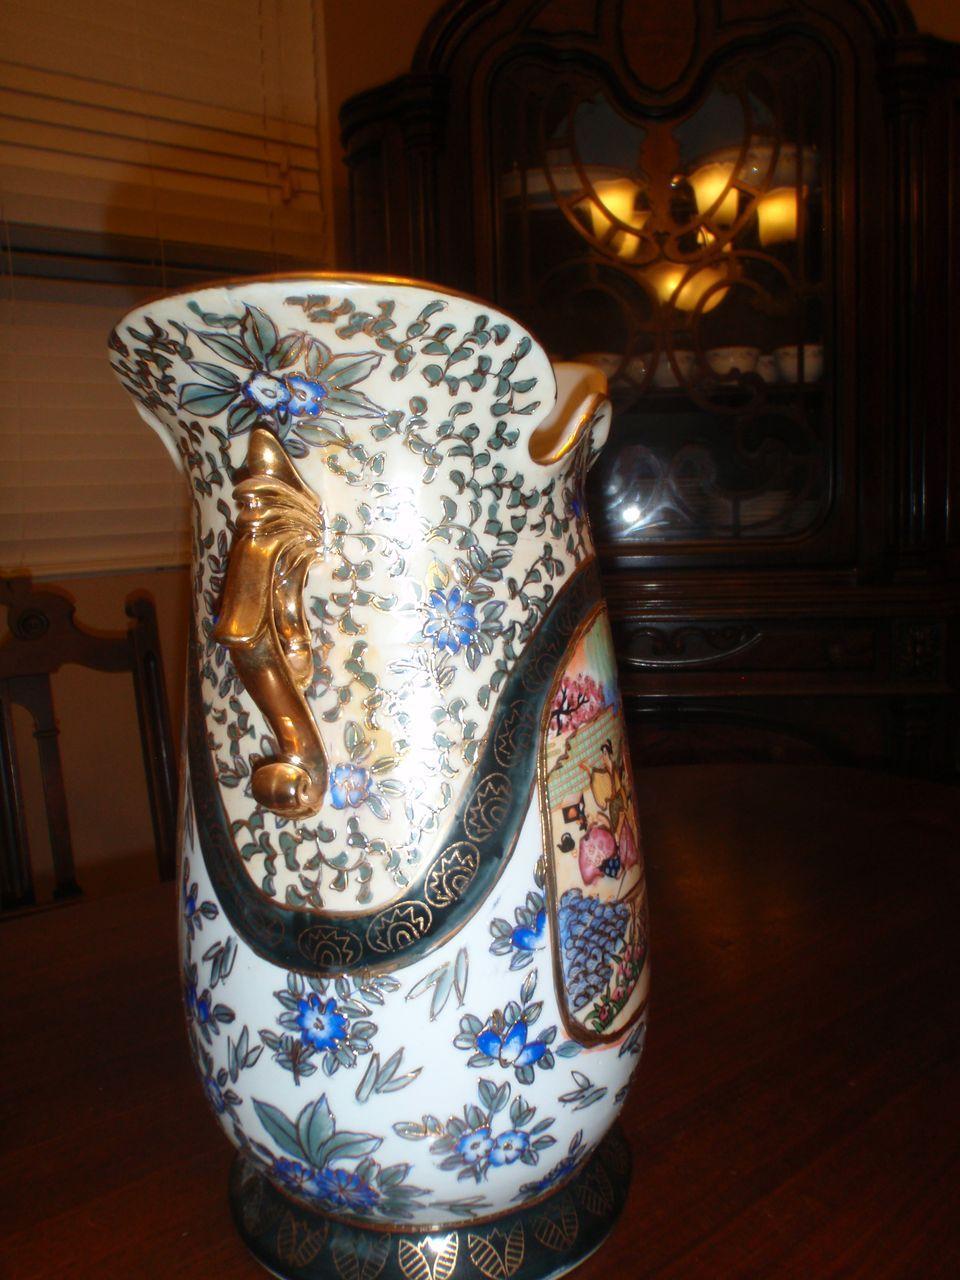 Made In China Royal Satsuma Vase From Rlreproshop On Ruby Lane